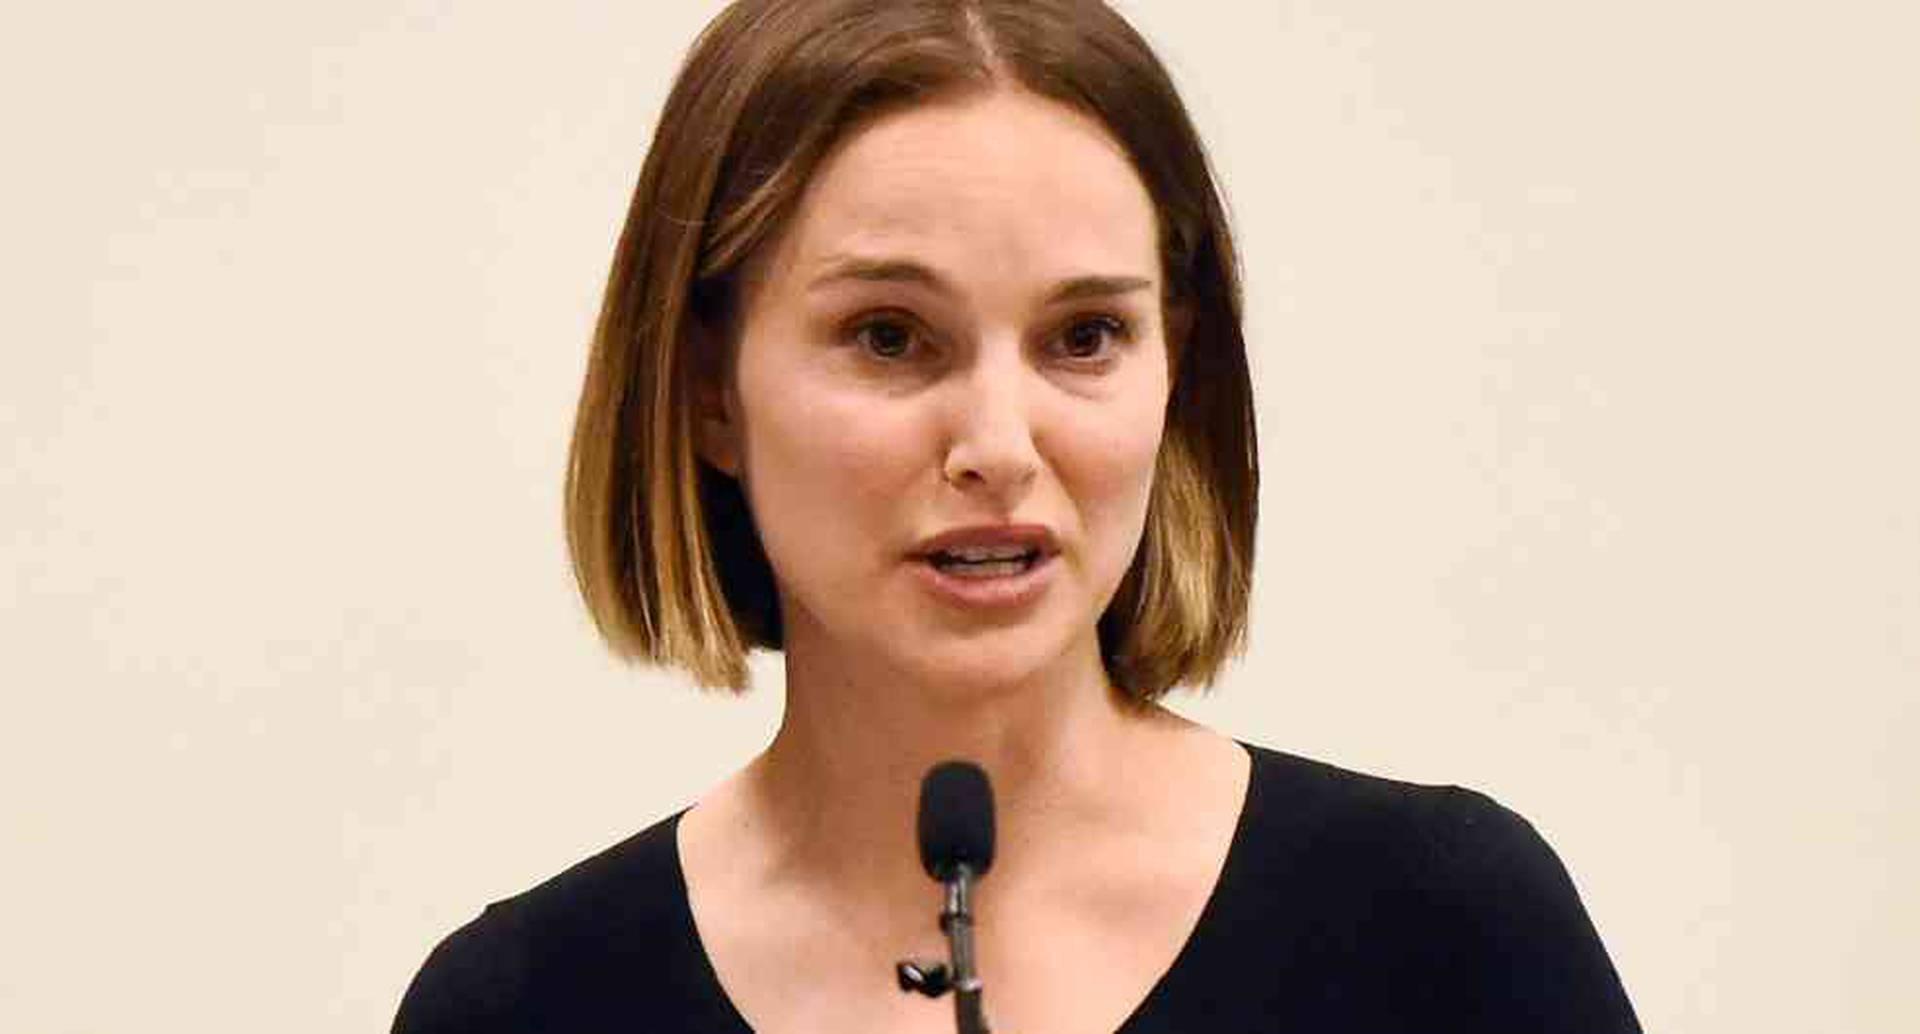 Natalie Portman funda equipo de fútbol femenino en Los Ángeles | Noticias del día